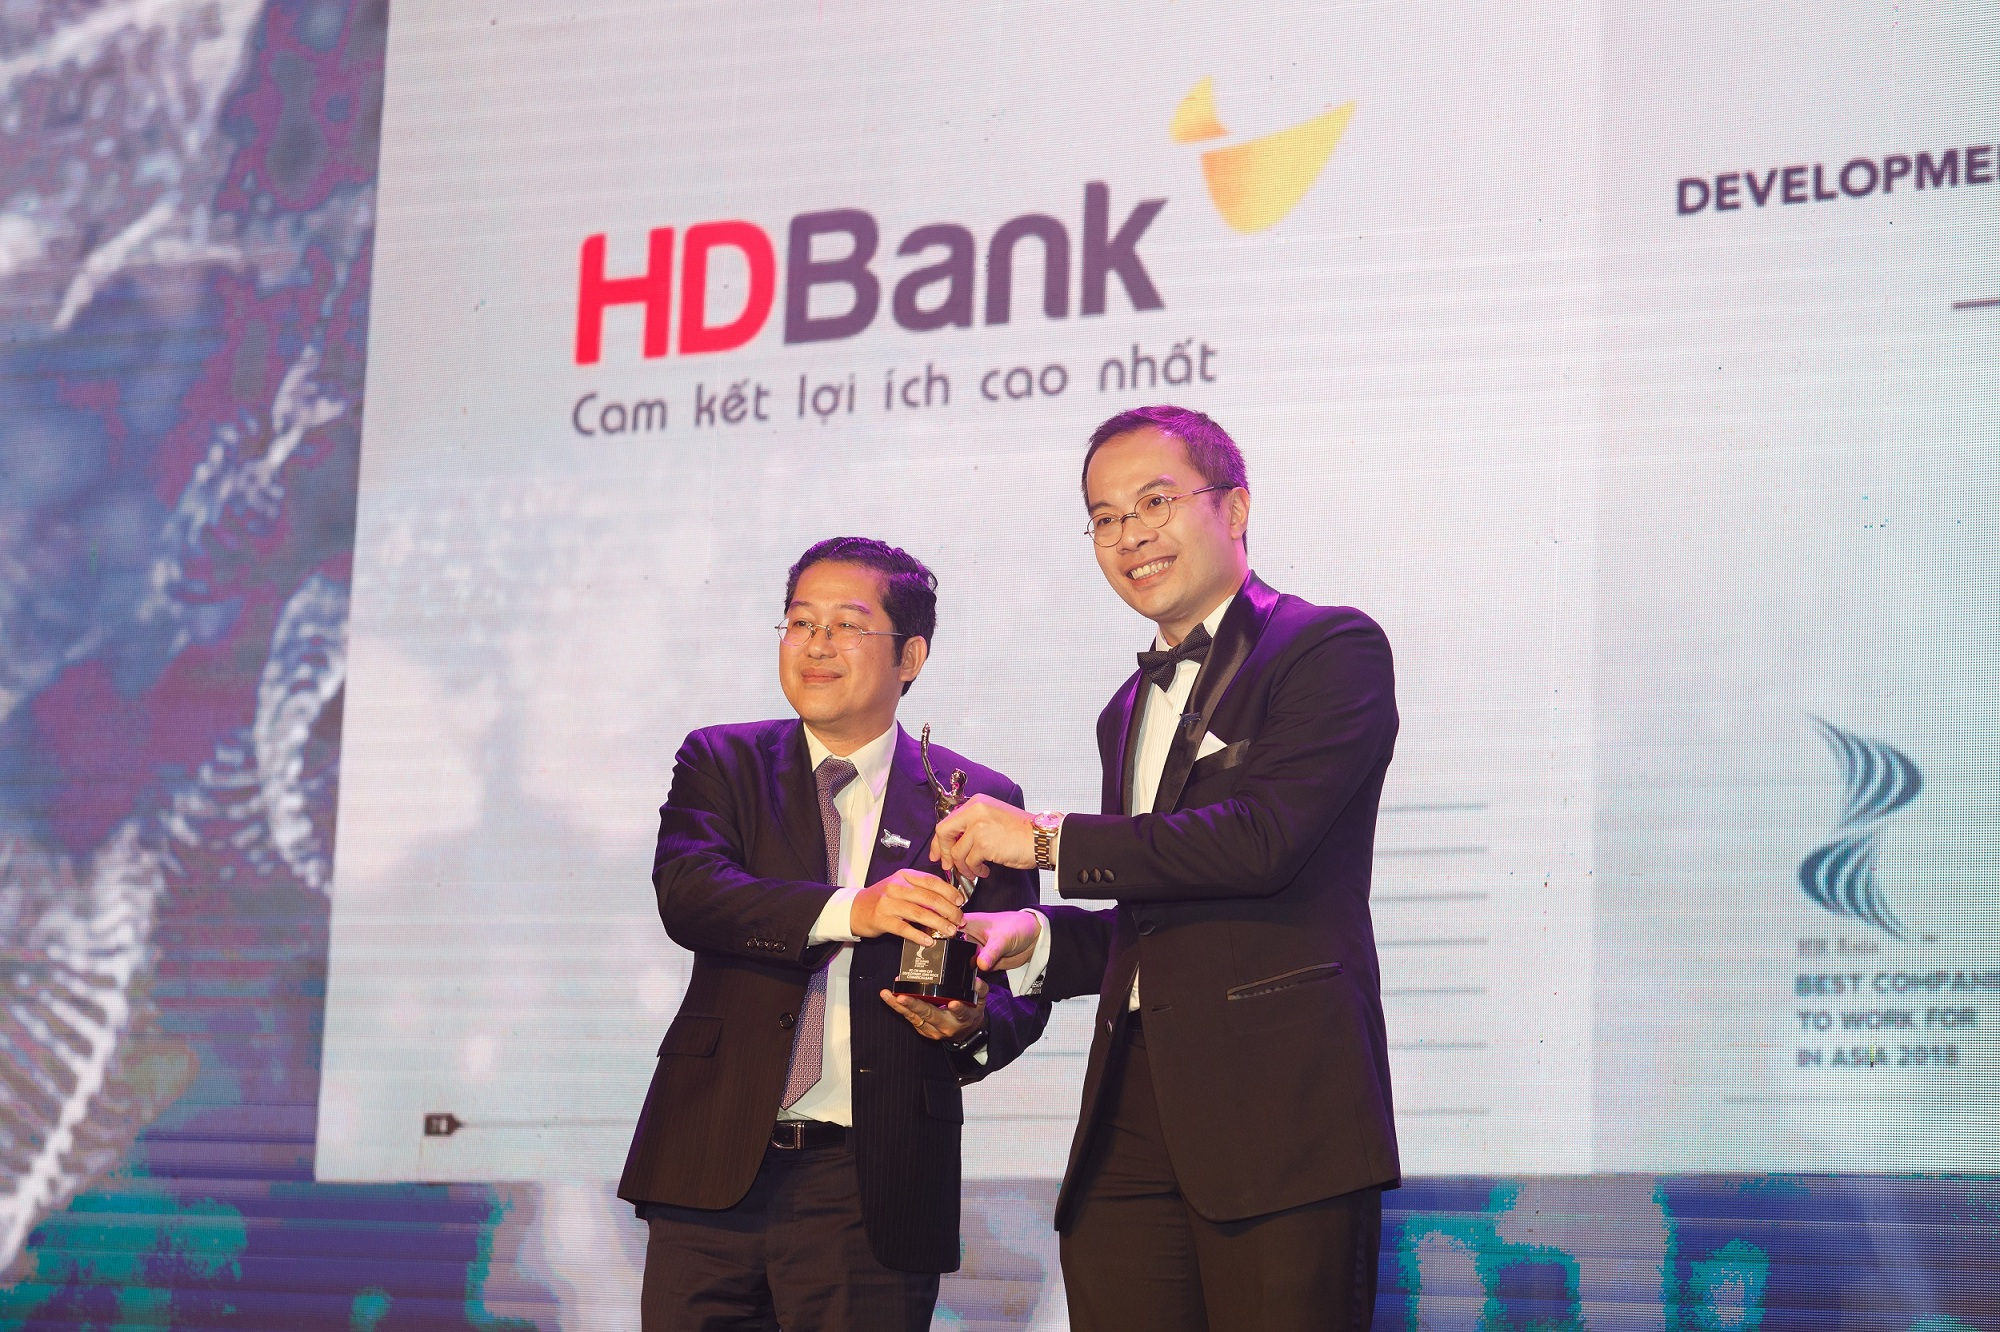 HDBank được bình chọn là nơi làm việc tốt nhất châu Á năm 2018 - Ảnh 2.